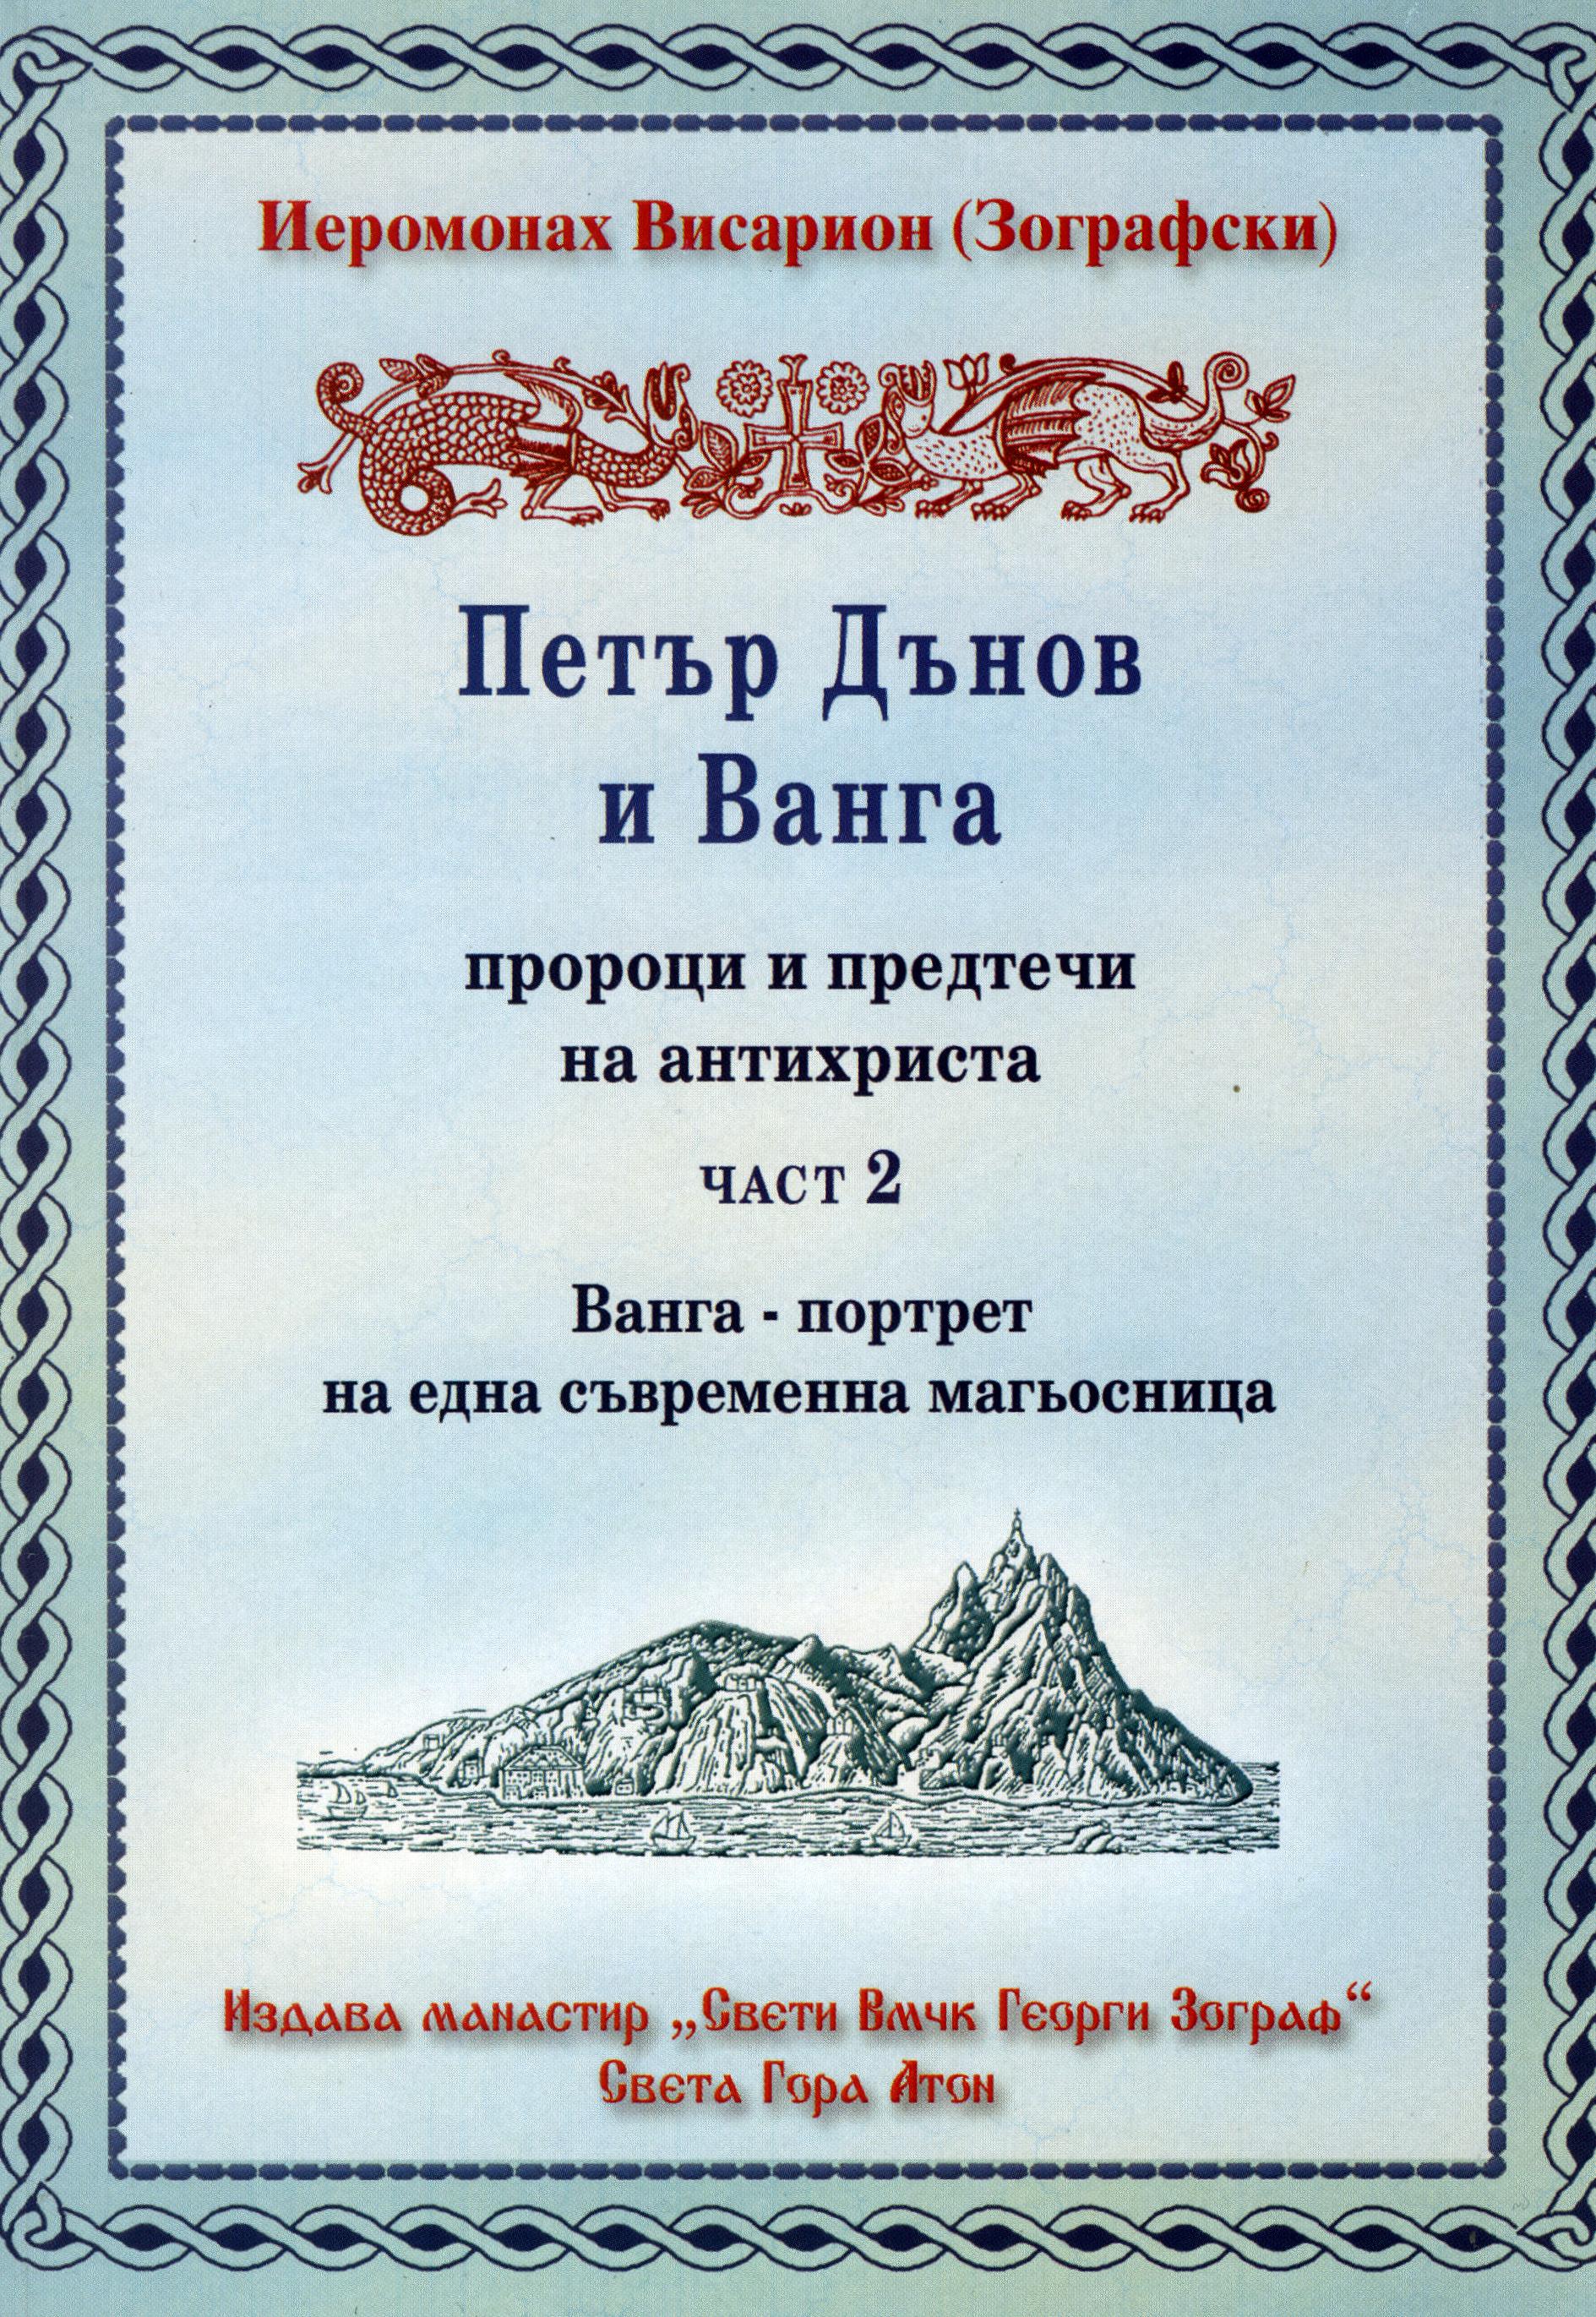 Петър Дънов и Ванга - част 2